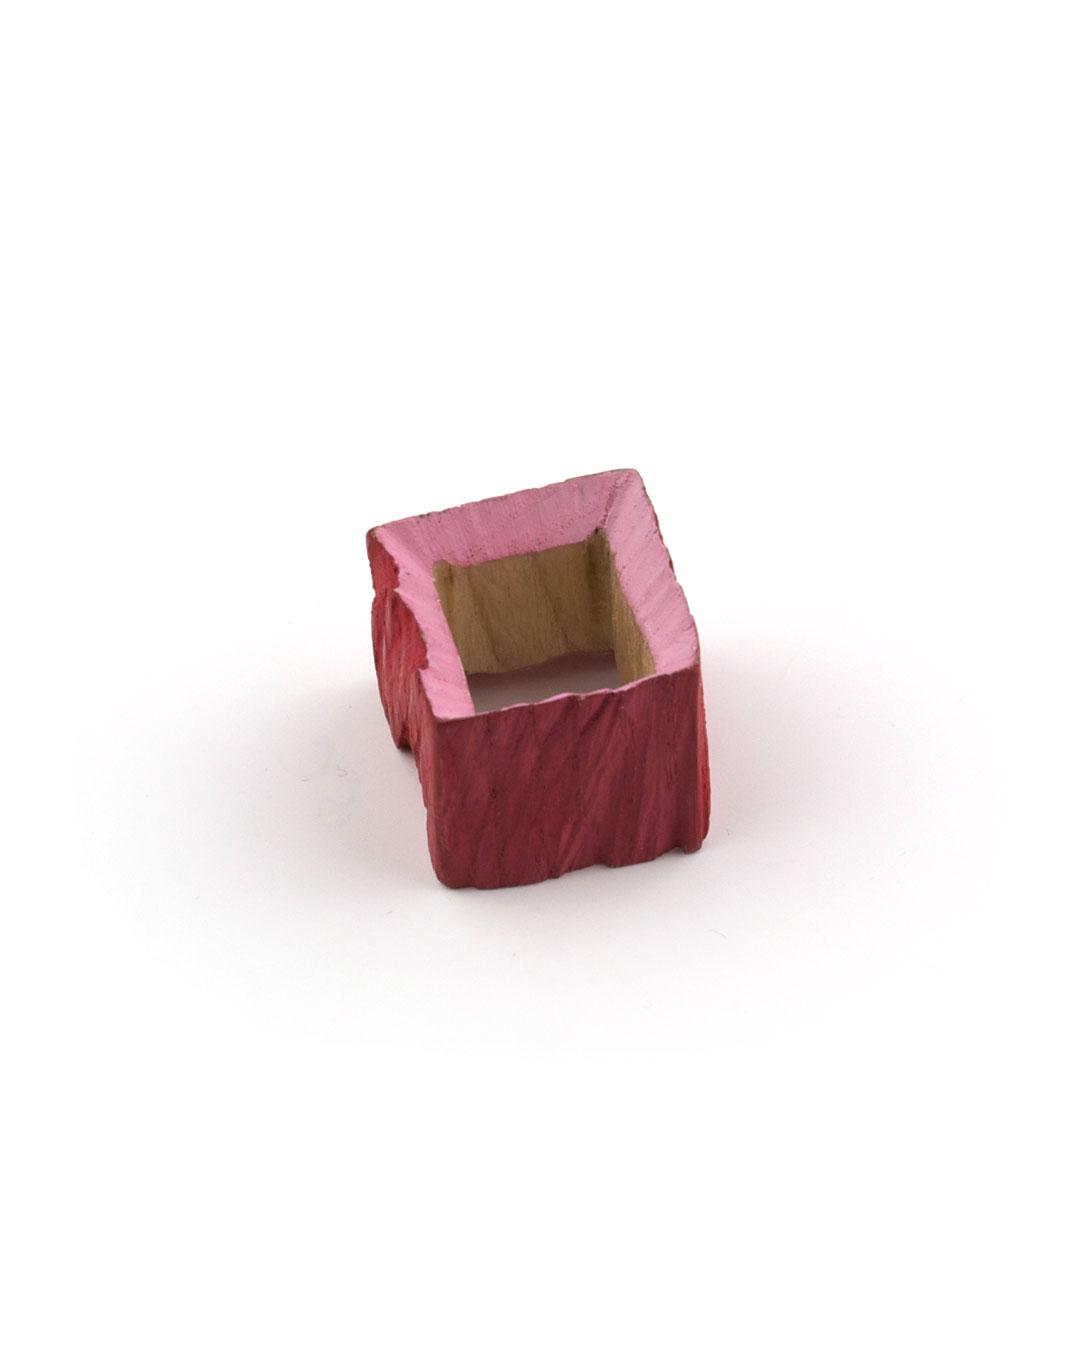 Flóra Vági, untitled, 2012, ring; wood, enamel paint, acrylic paint, 25 x 28 mm, €250